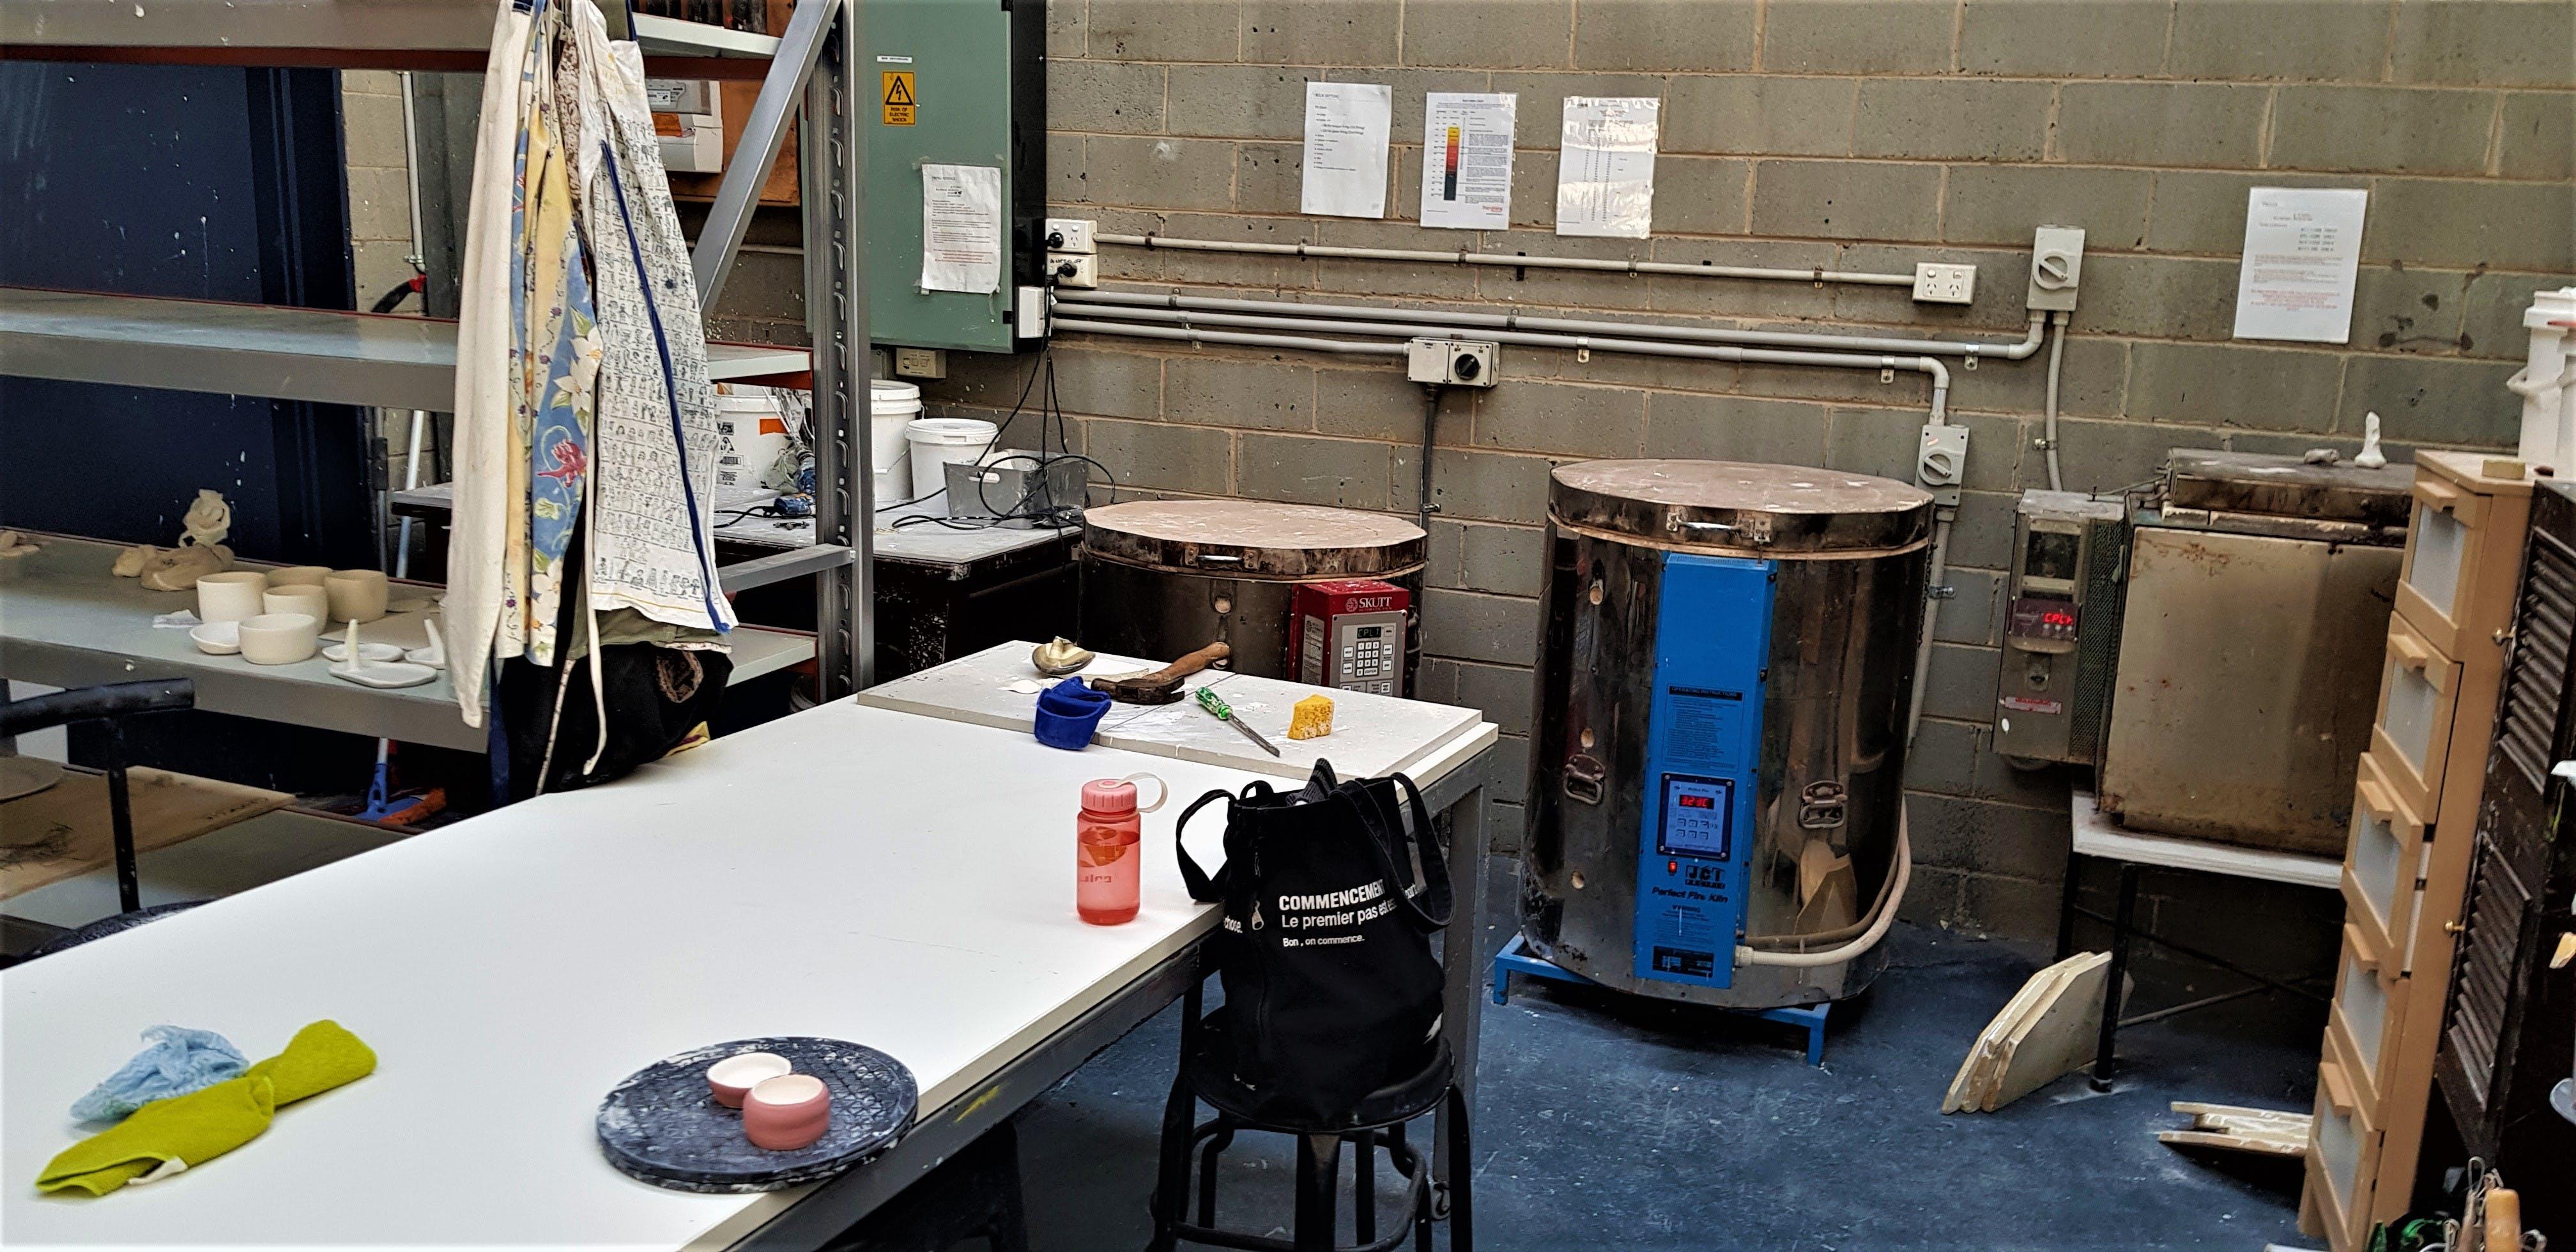 Ceramic Studio, creative studio at Le Studio Art Space & Ceramic Studio, image 2